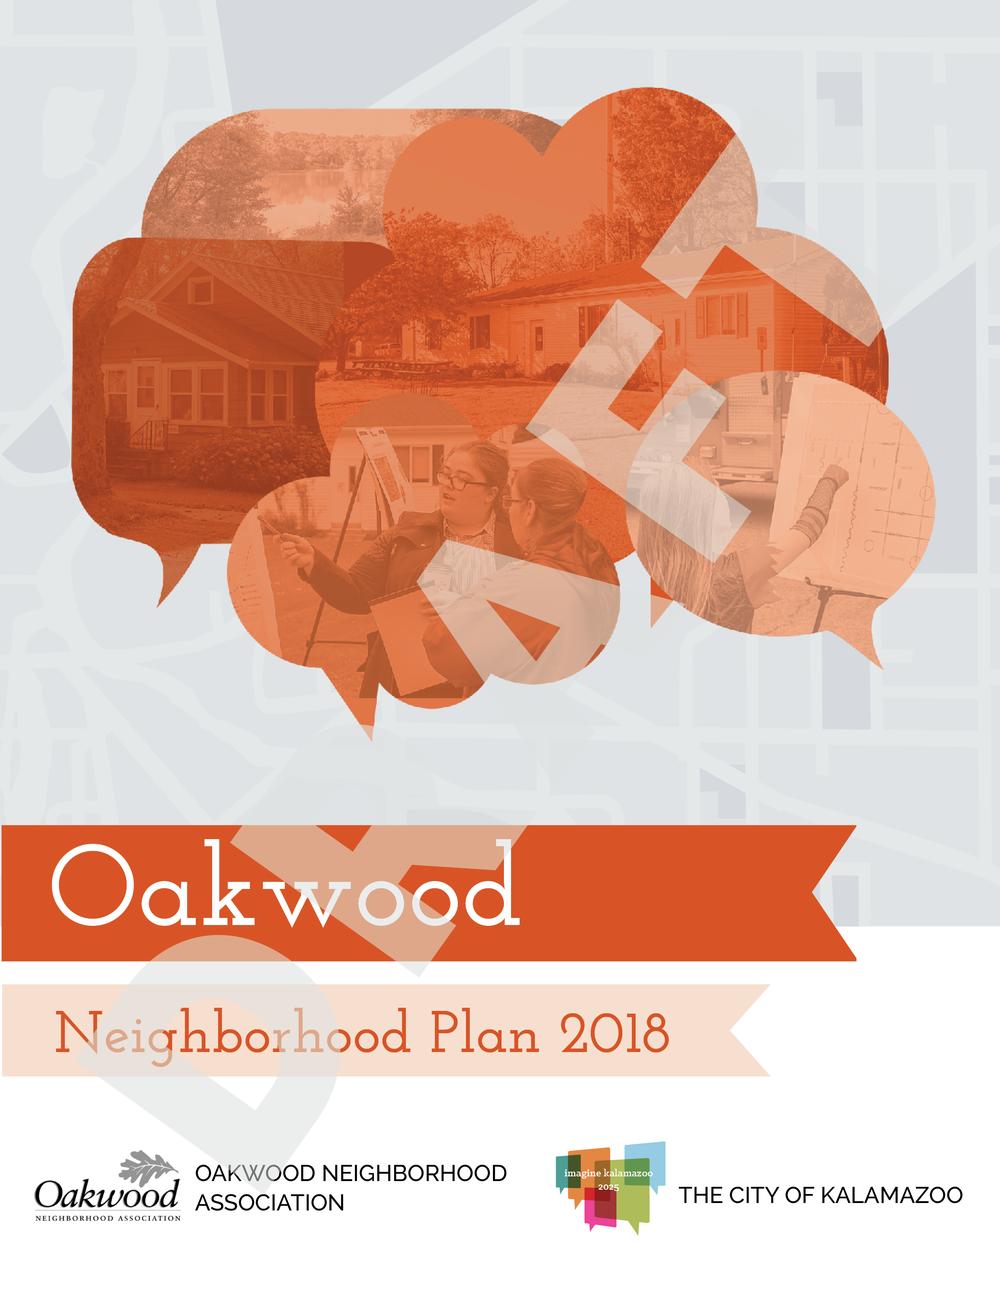 OakwoodNeighborhoodDraftPlanCover.png